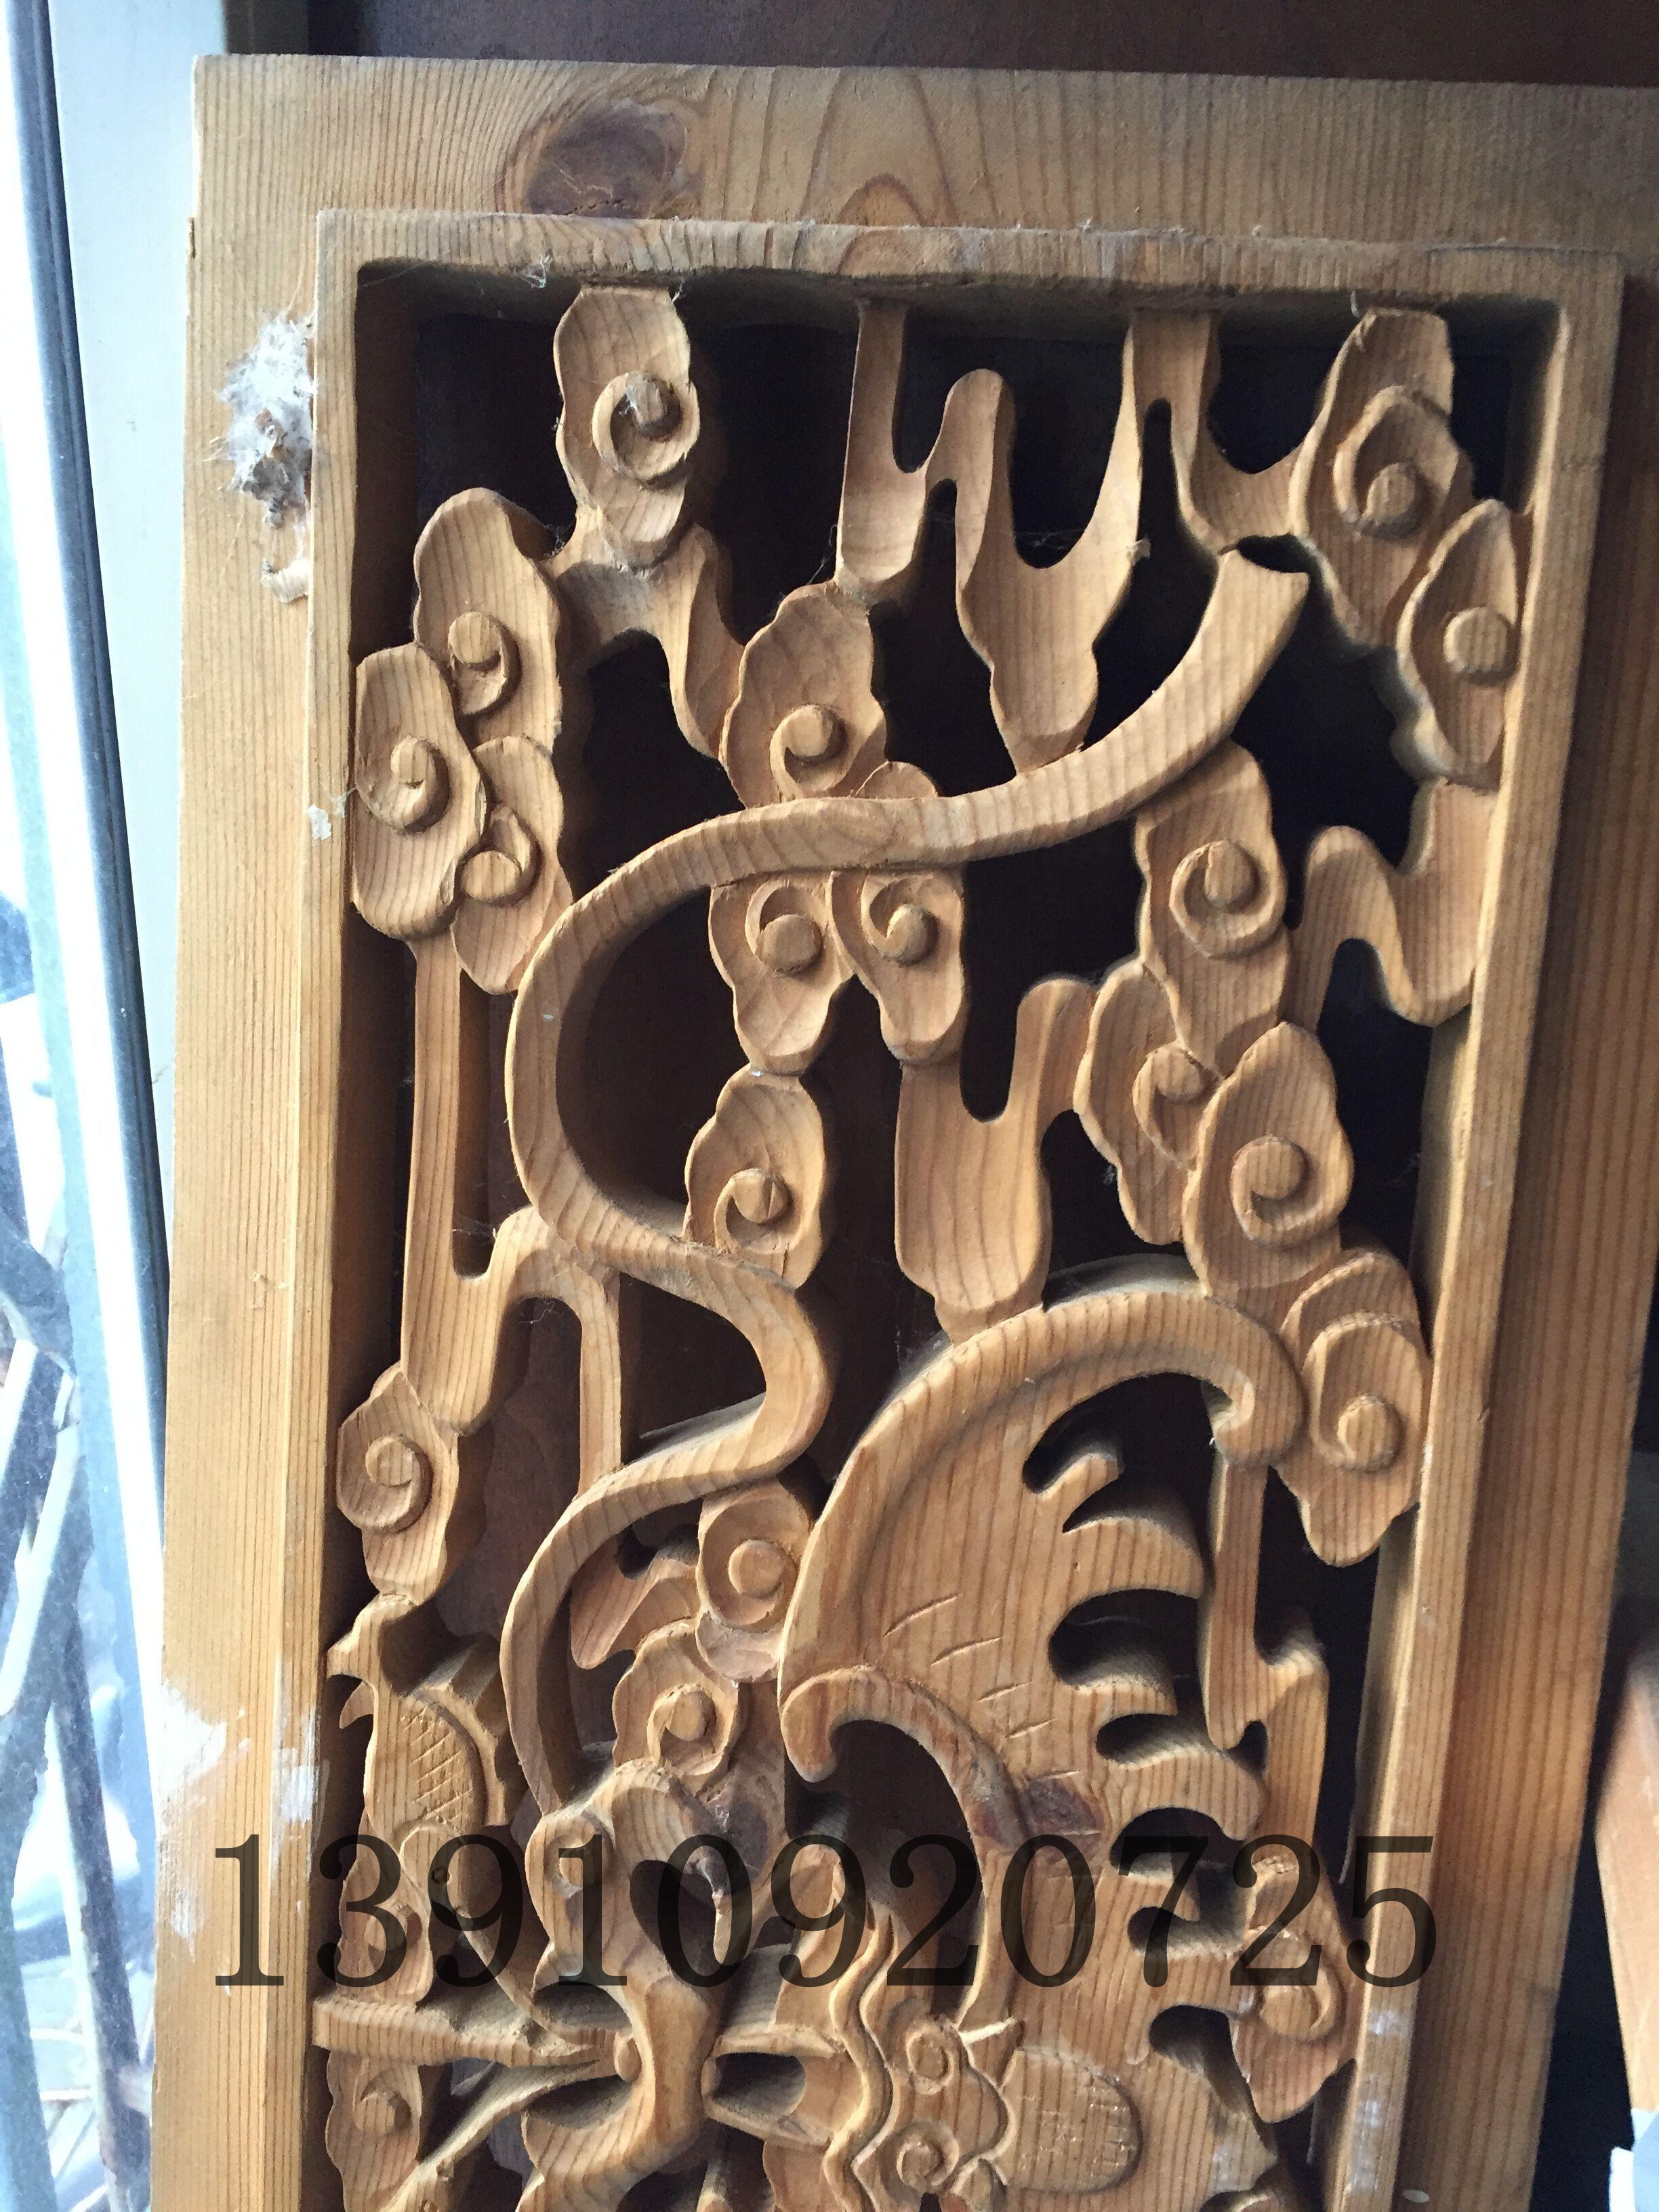 木雕采用的图案形式 明、清两代所采用的木雕花纹图案,大都追求高雅、富贵、吉祥、寓理想、观念与图案之中,是它的突出特点。如帝王、皇族、位于万人至极,他们刻意追求的是增福添寿,在装修中,常以蝙蝠、卐字、寿字、如意为内容,寓意福寿绵长,万事如意。文人墨客,清雅居士,则多以松、竹、梅、兰、博古等图案装点他们的宅邸,以示文雅、清高、脱俗和气节。追求富贵,则多以福、禄、寿喜为题材;而佛教建筑的雕刻题材、则多数是佛教故事,佛门八宝,轮、佛、伞、盖、花、罐、鱼、肠等。古建筑的雕刻装饰,都是和主人的身份、地位、思想、理想、